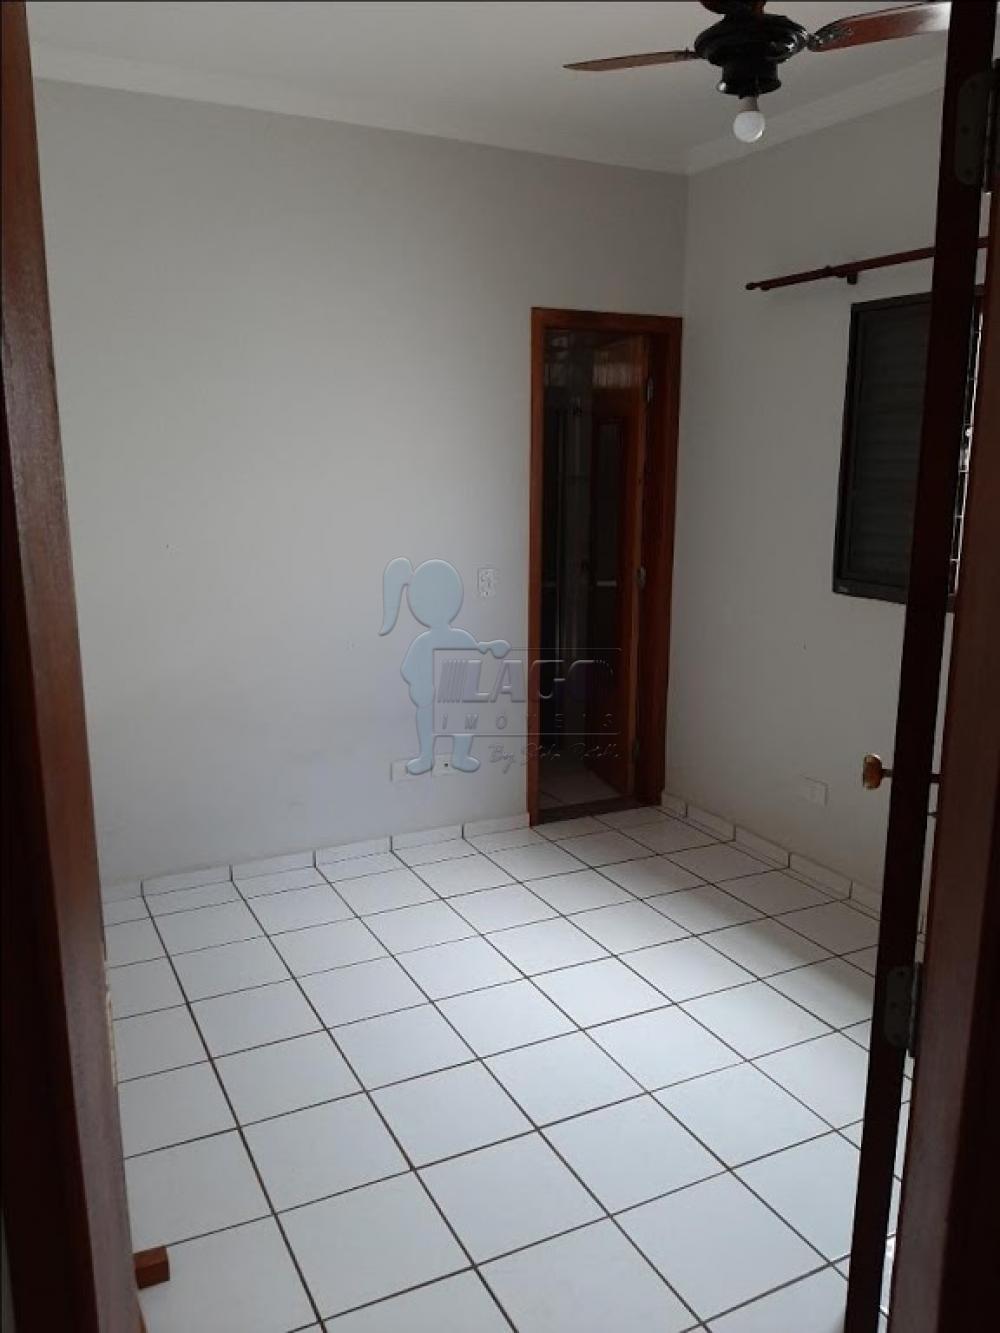 Comprar Casas / Padrão em Ribeirão Preto apenas R$ 490.000,00 - Foto 11